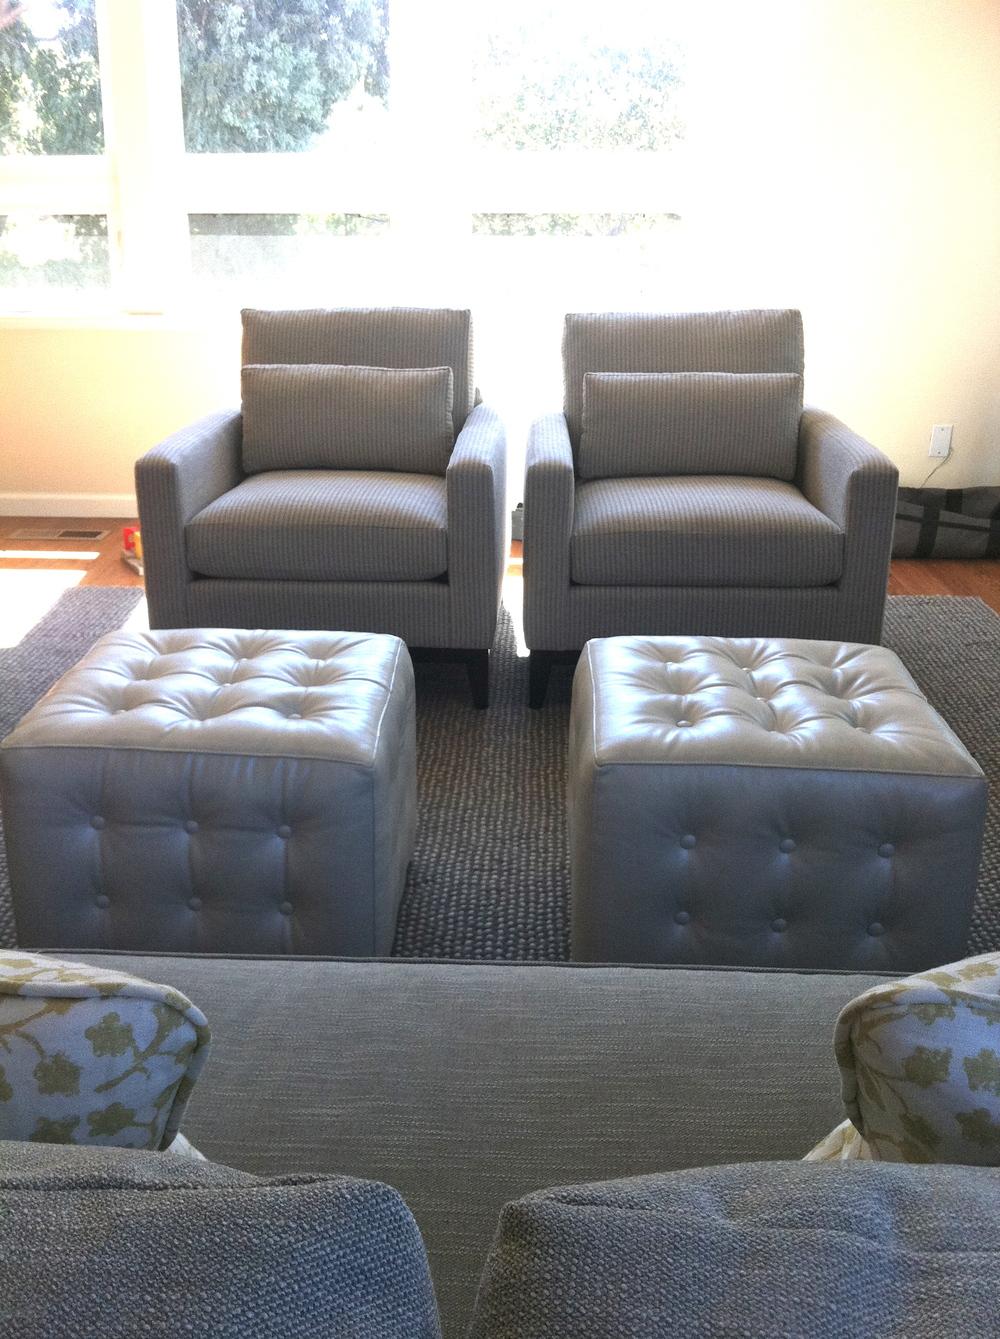 Kravet chairs